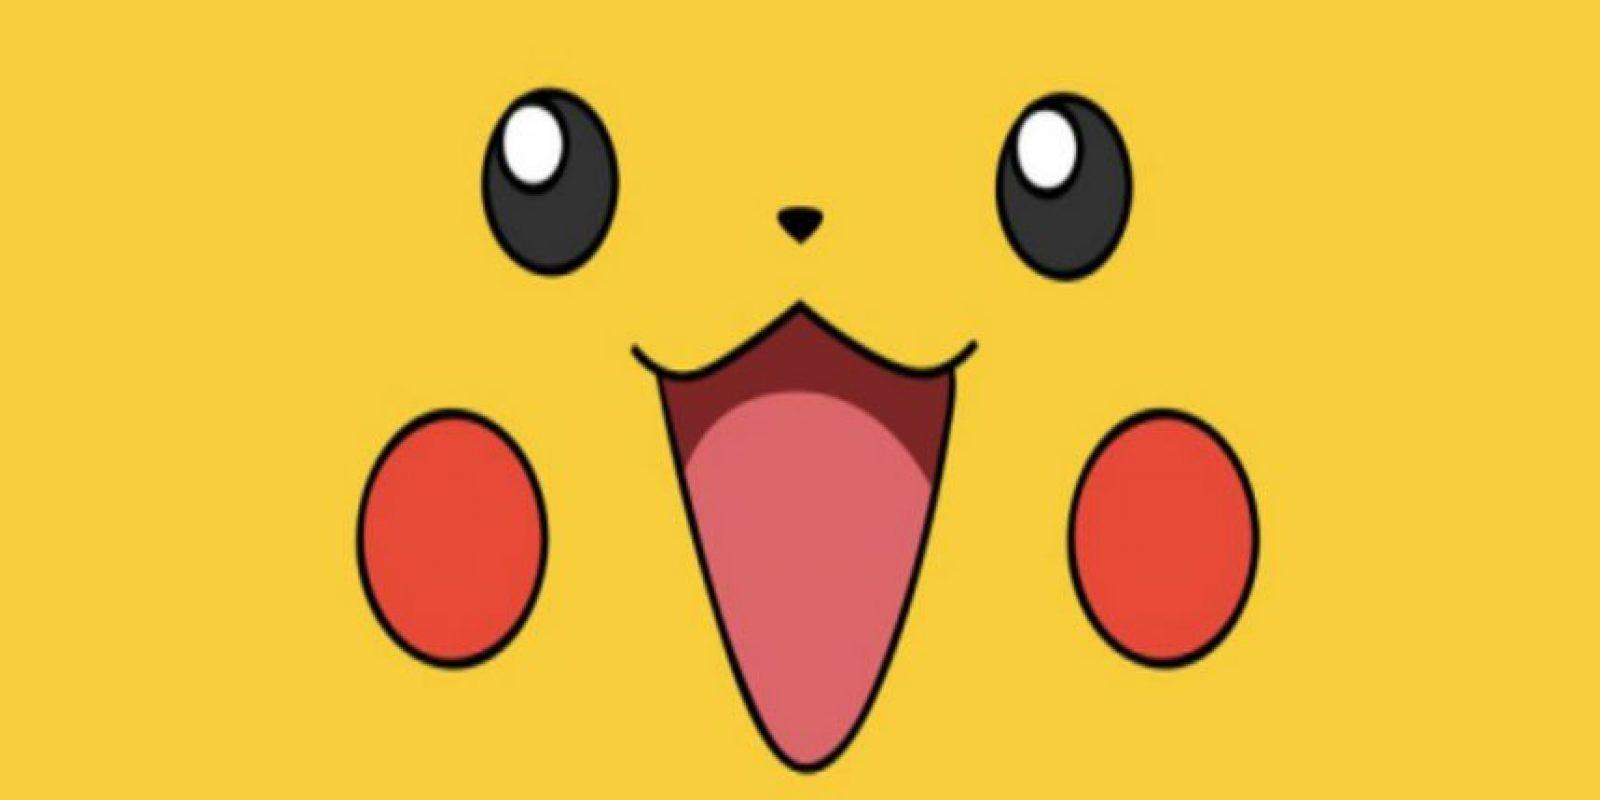 Que se llevará a cabo el siguiente sábado. Foto:Pokémon